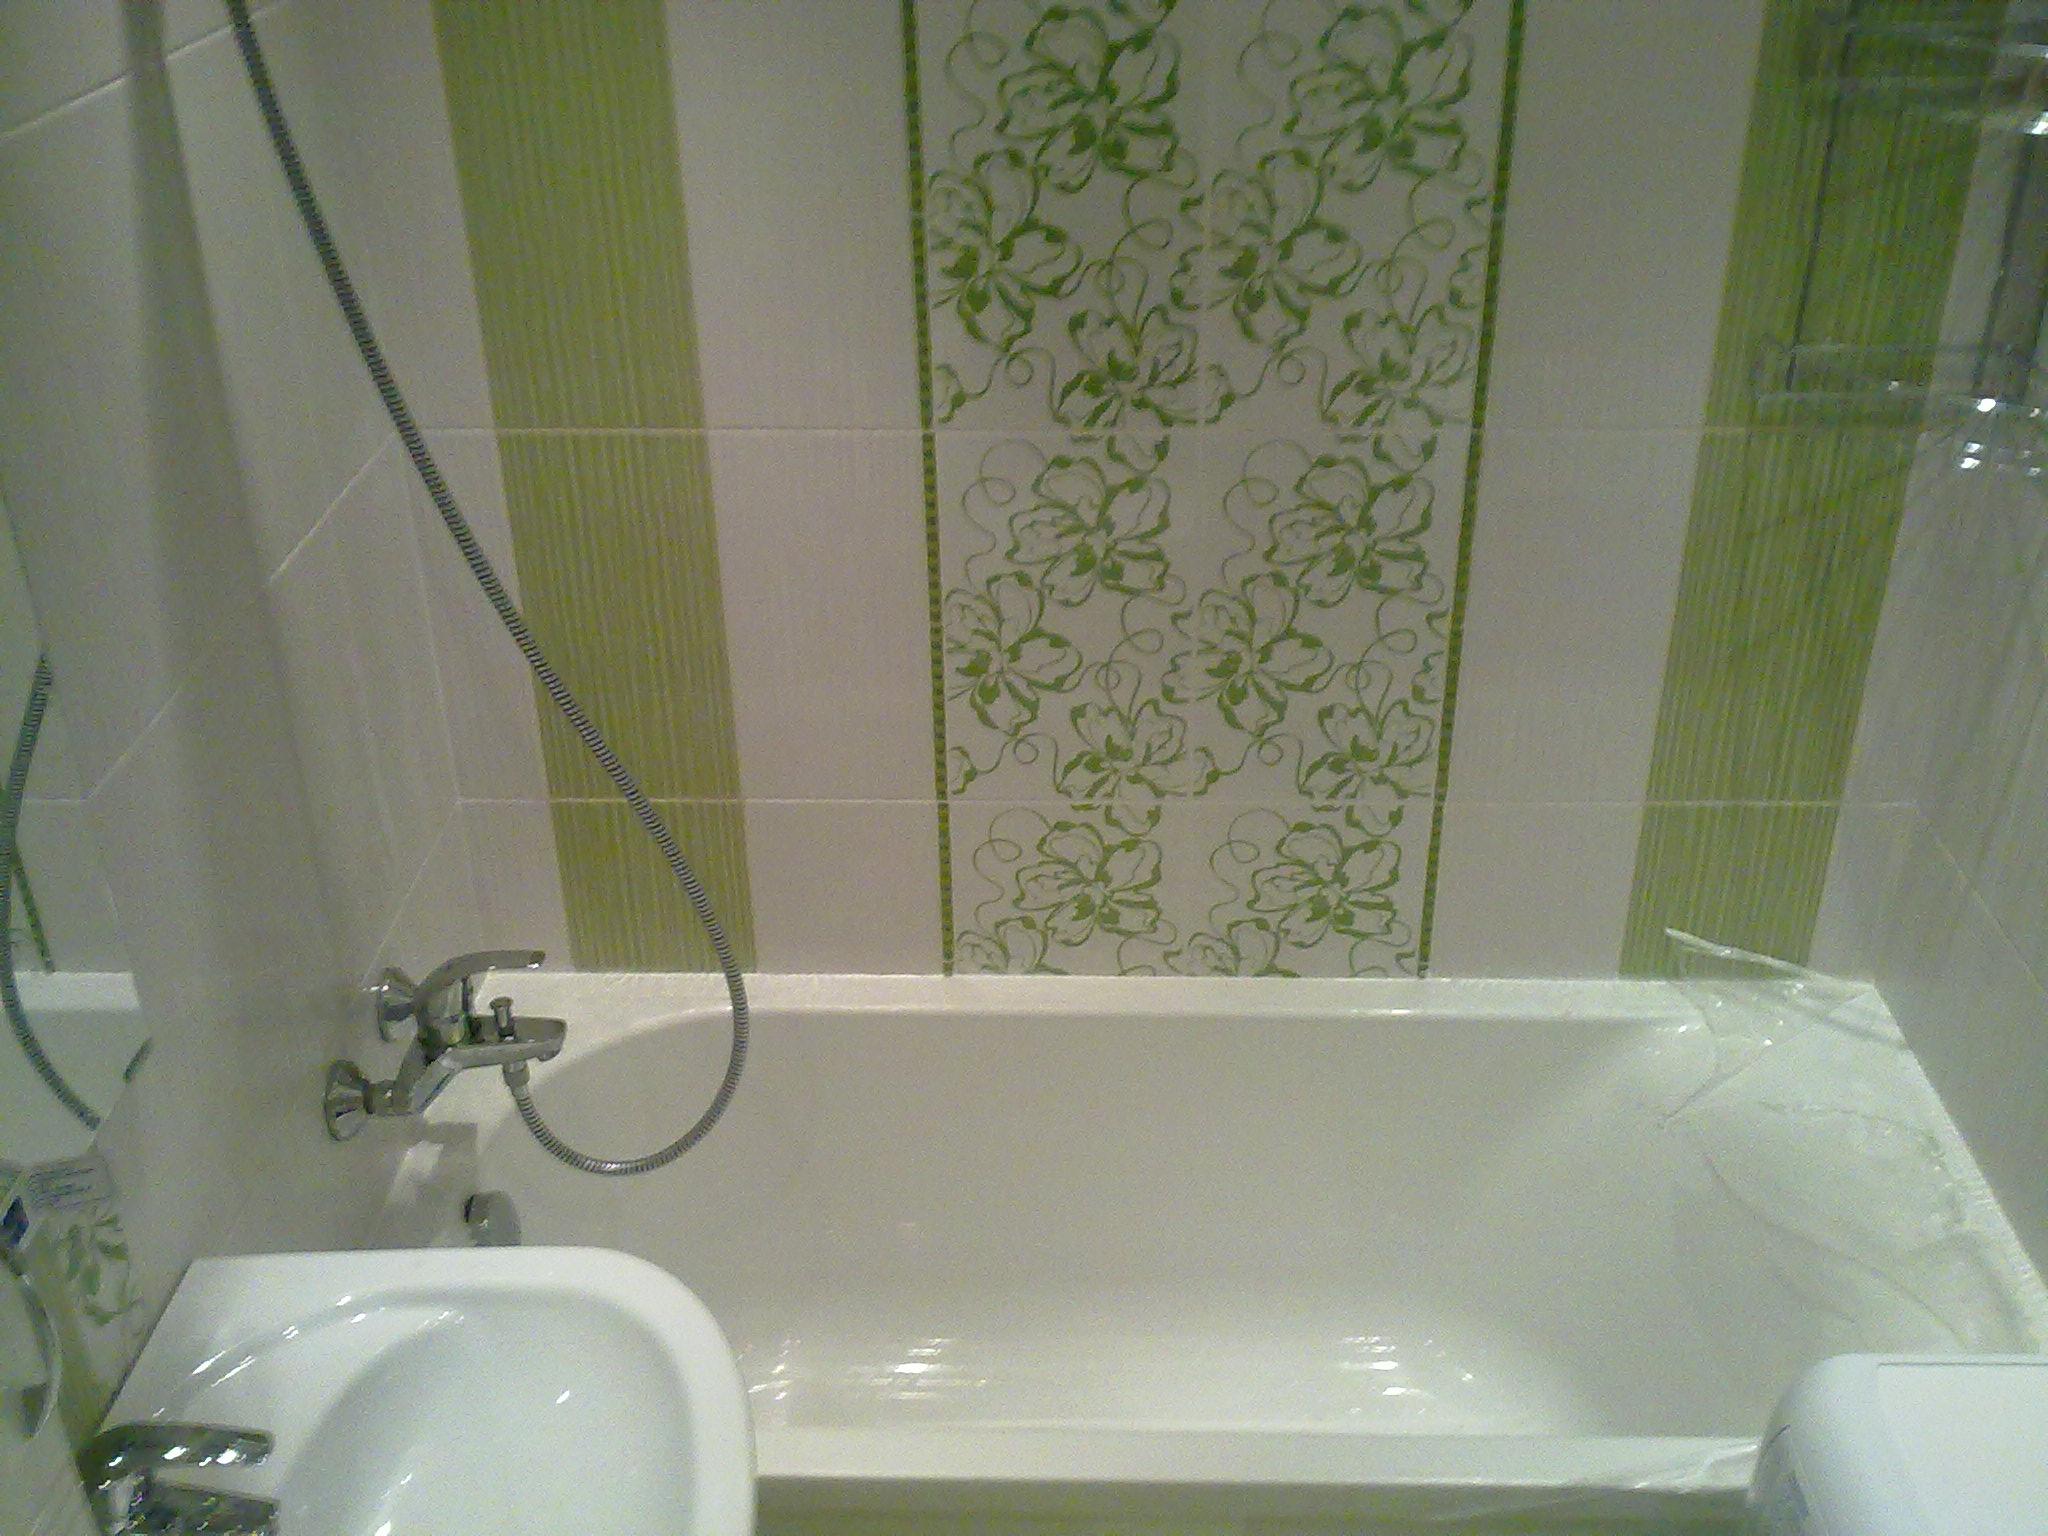 Как закрепить ванну к стене и полу чтобы не шаталась 31